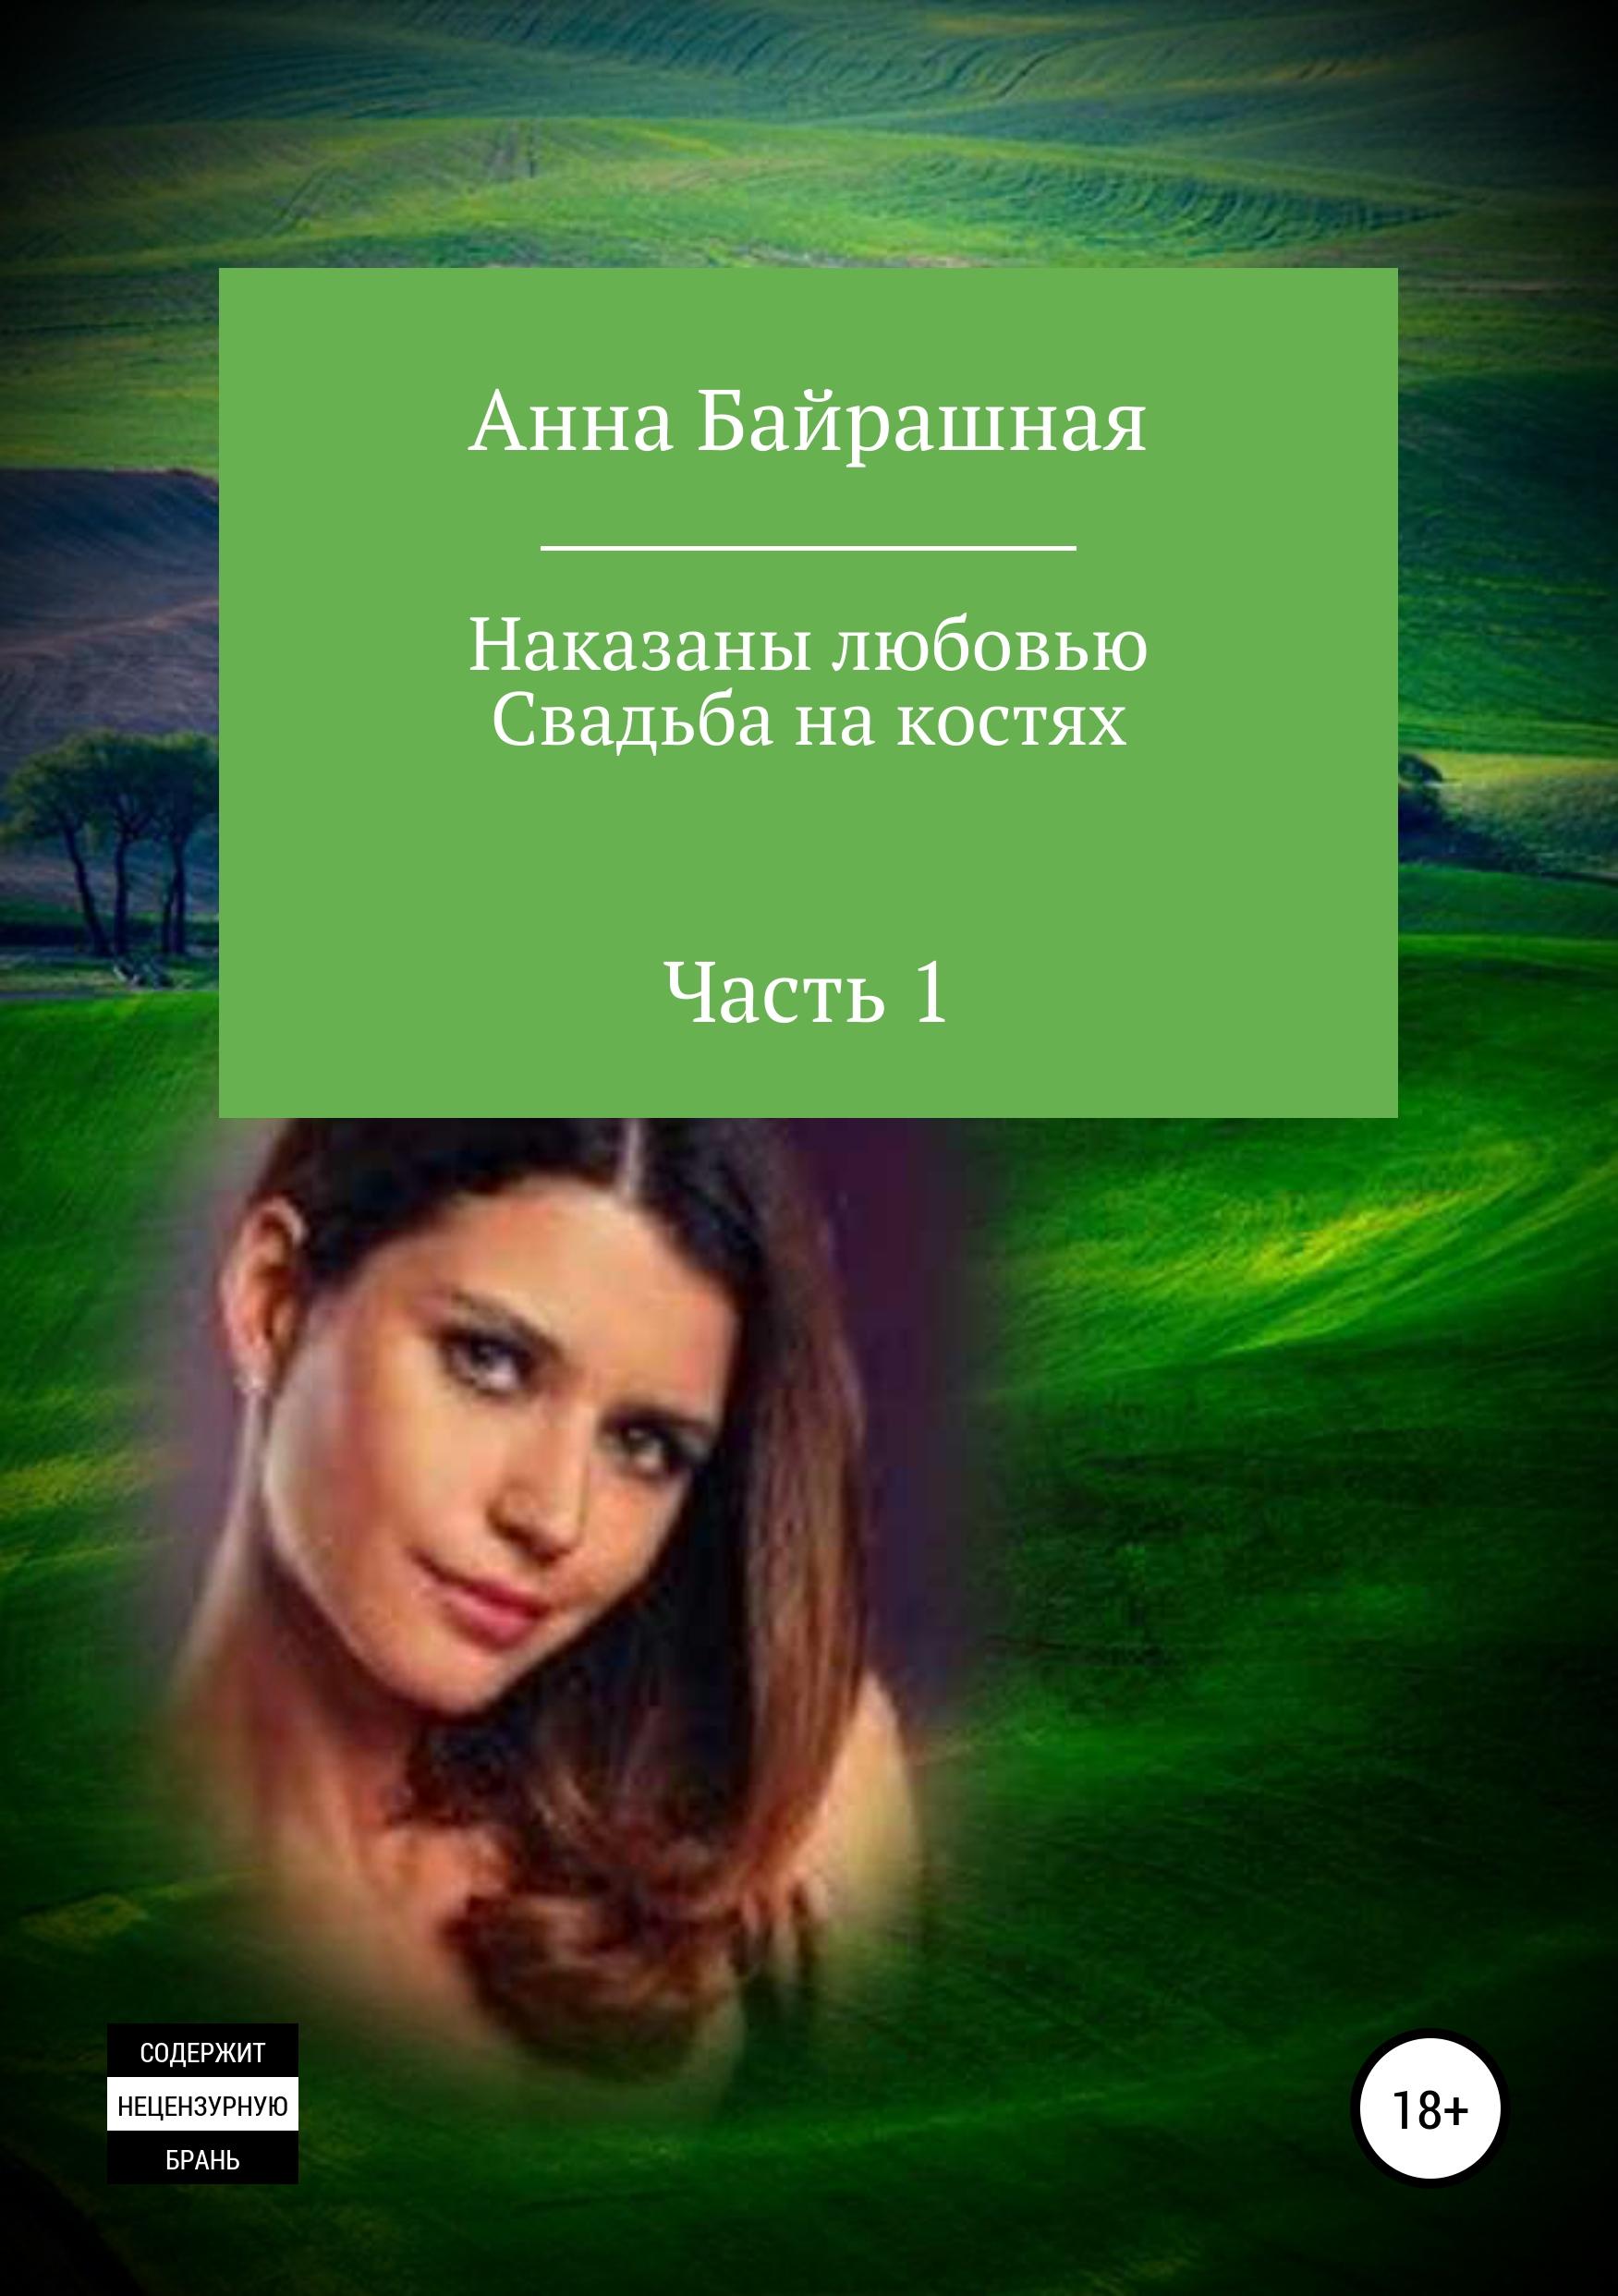 Анна Сергеевна Байрашная Свадьба на костях. Часть 1 анна сергеевна байрашная стихи о жизни